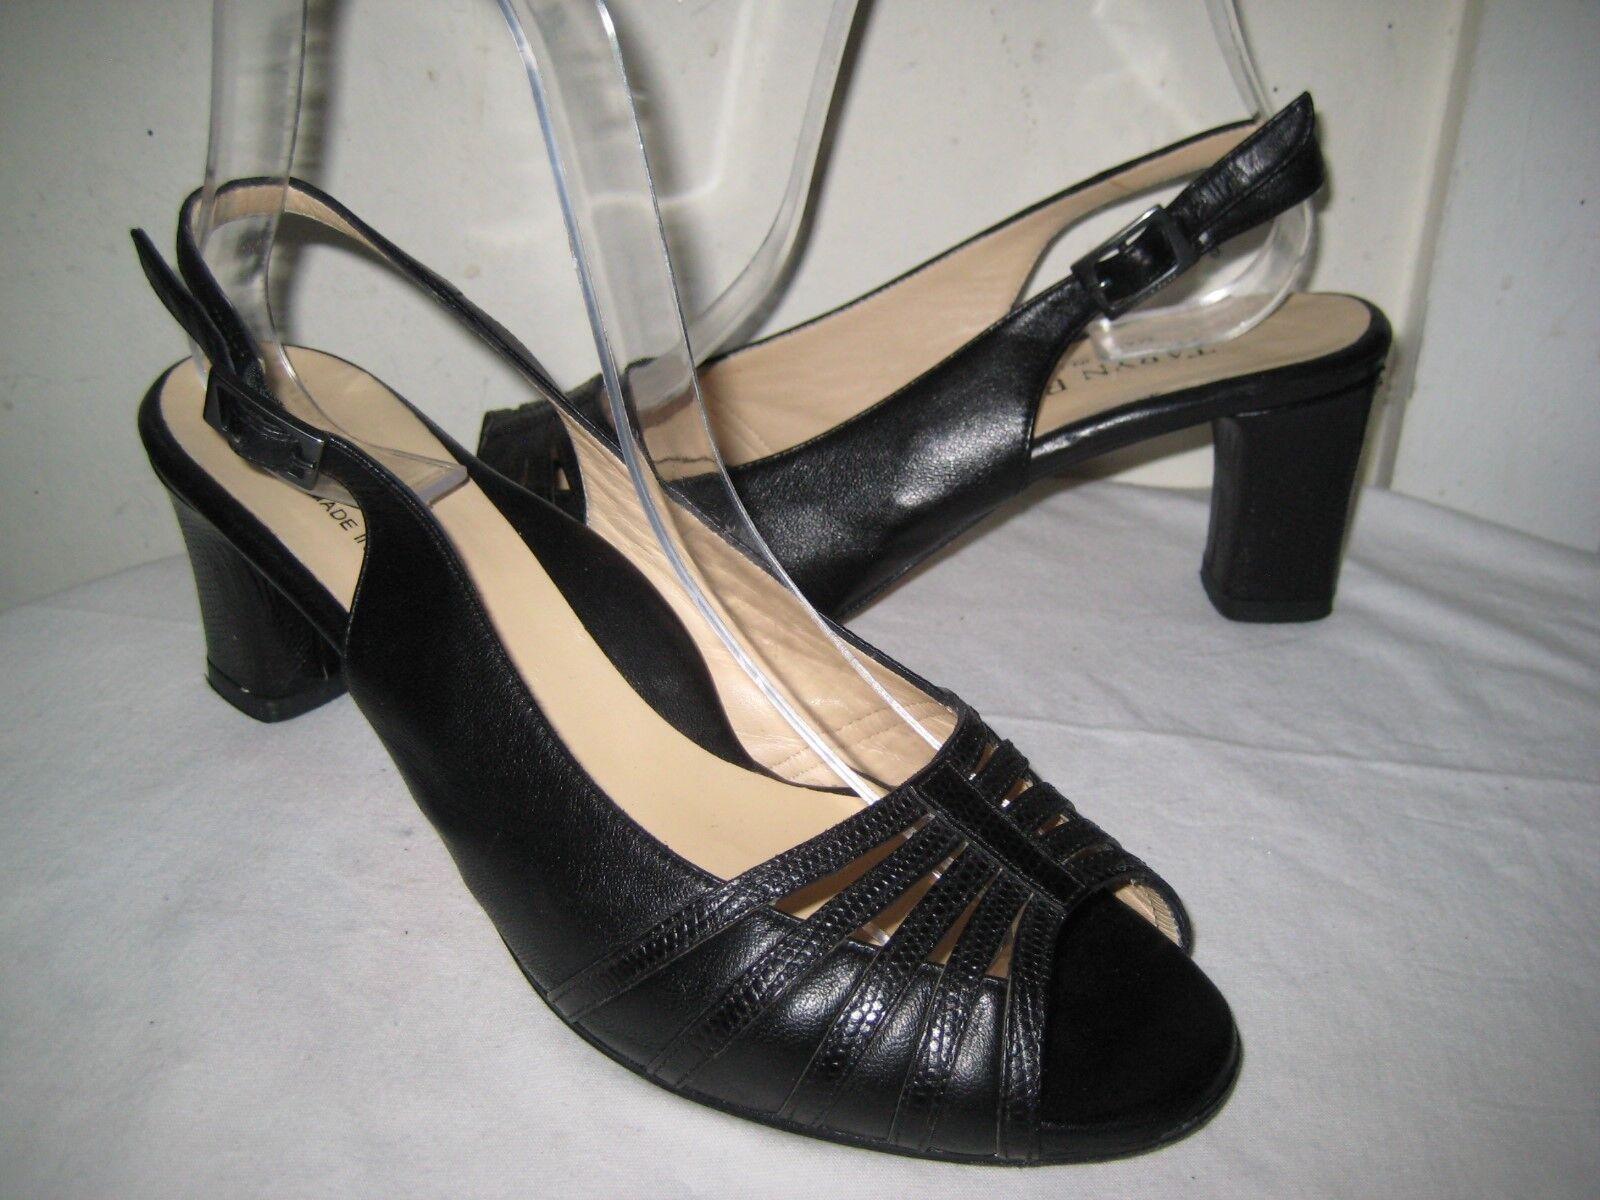 Taryn Rose Black Leather Open Toe Slingbacks Sandals Shoes Women's Size 39 / 8.5